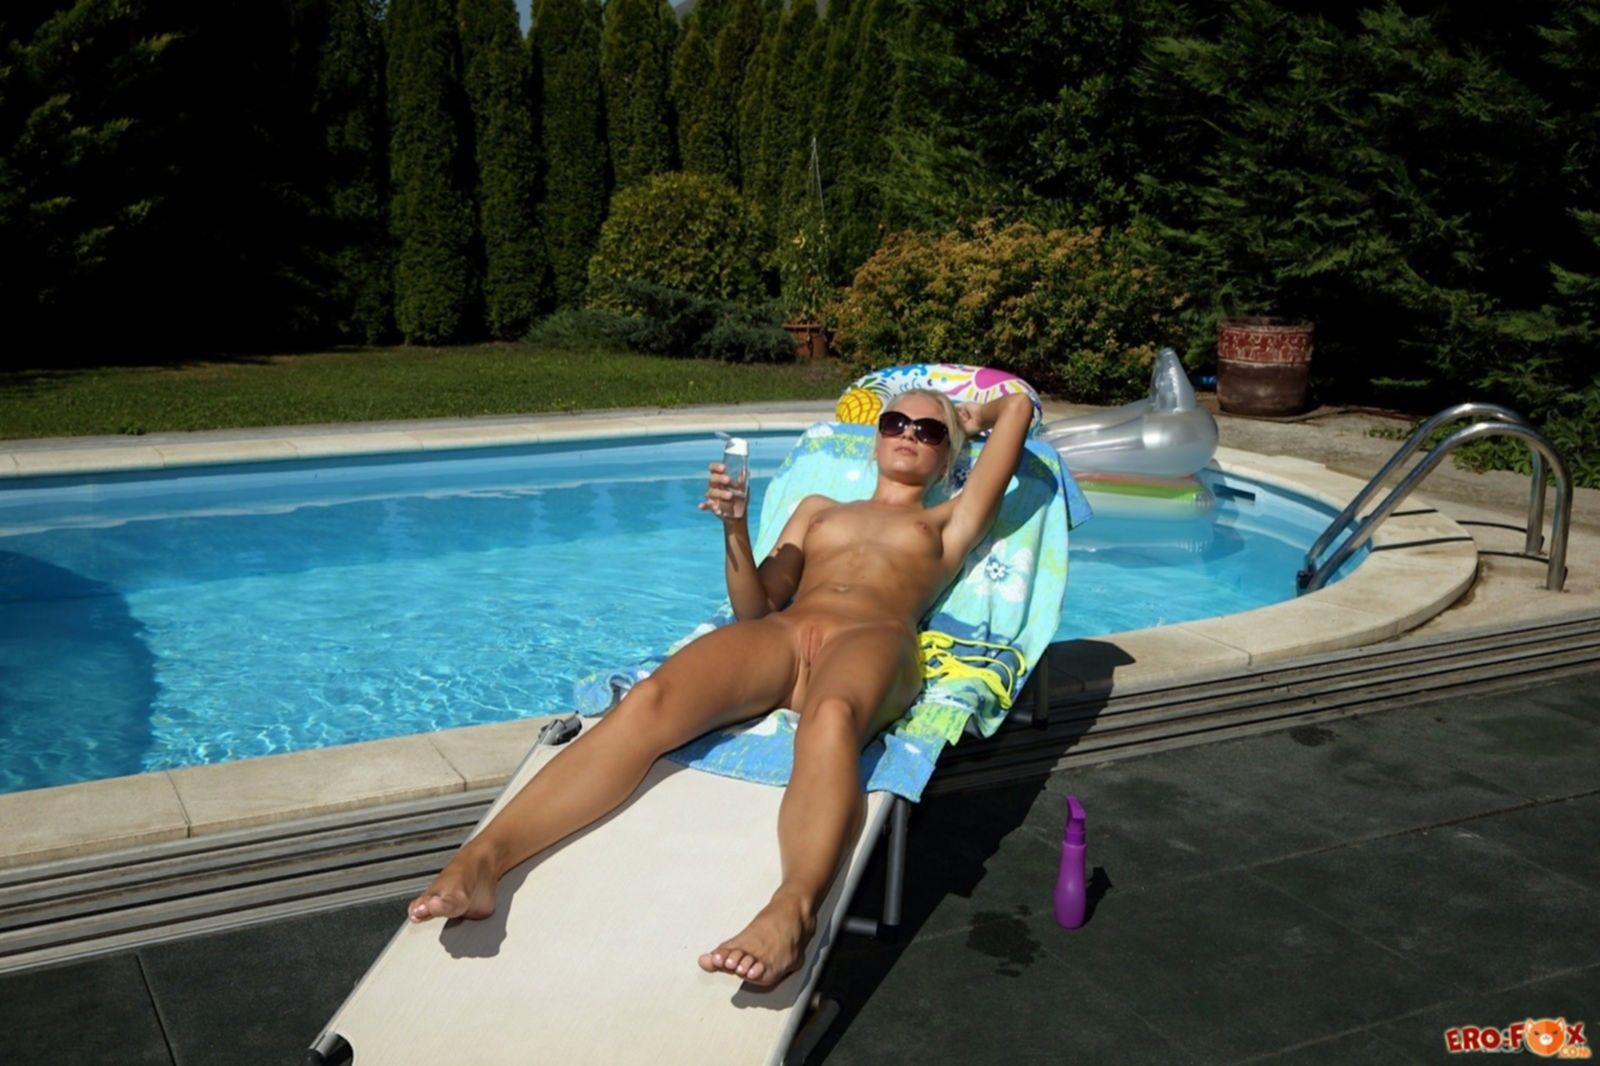 Белокурая худая крошка намазалась маслом у бассейна - фото